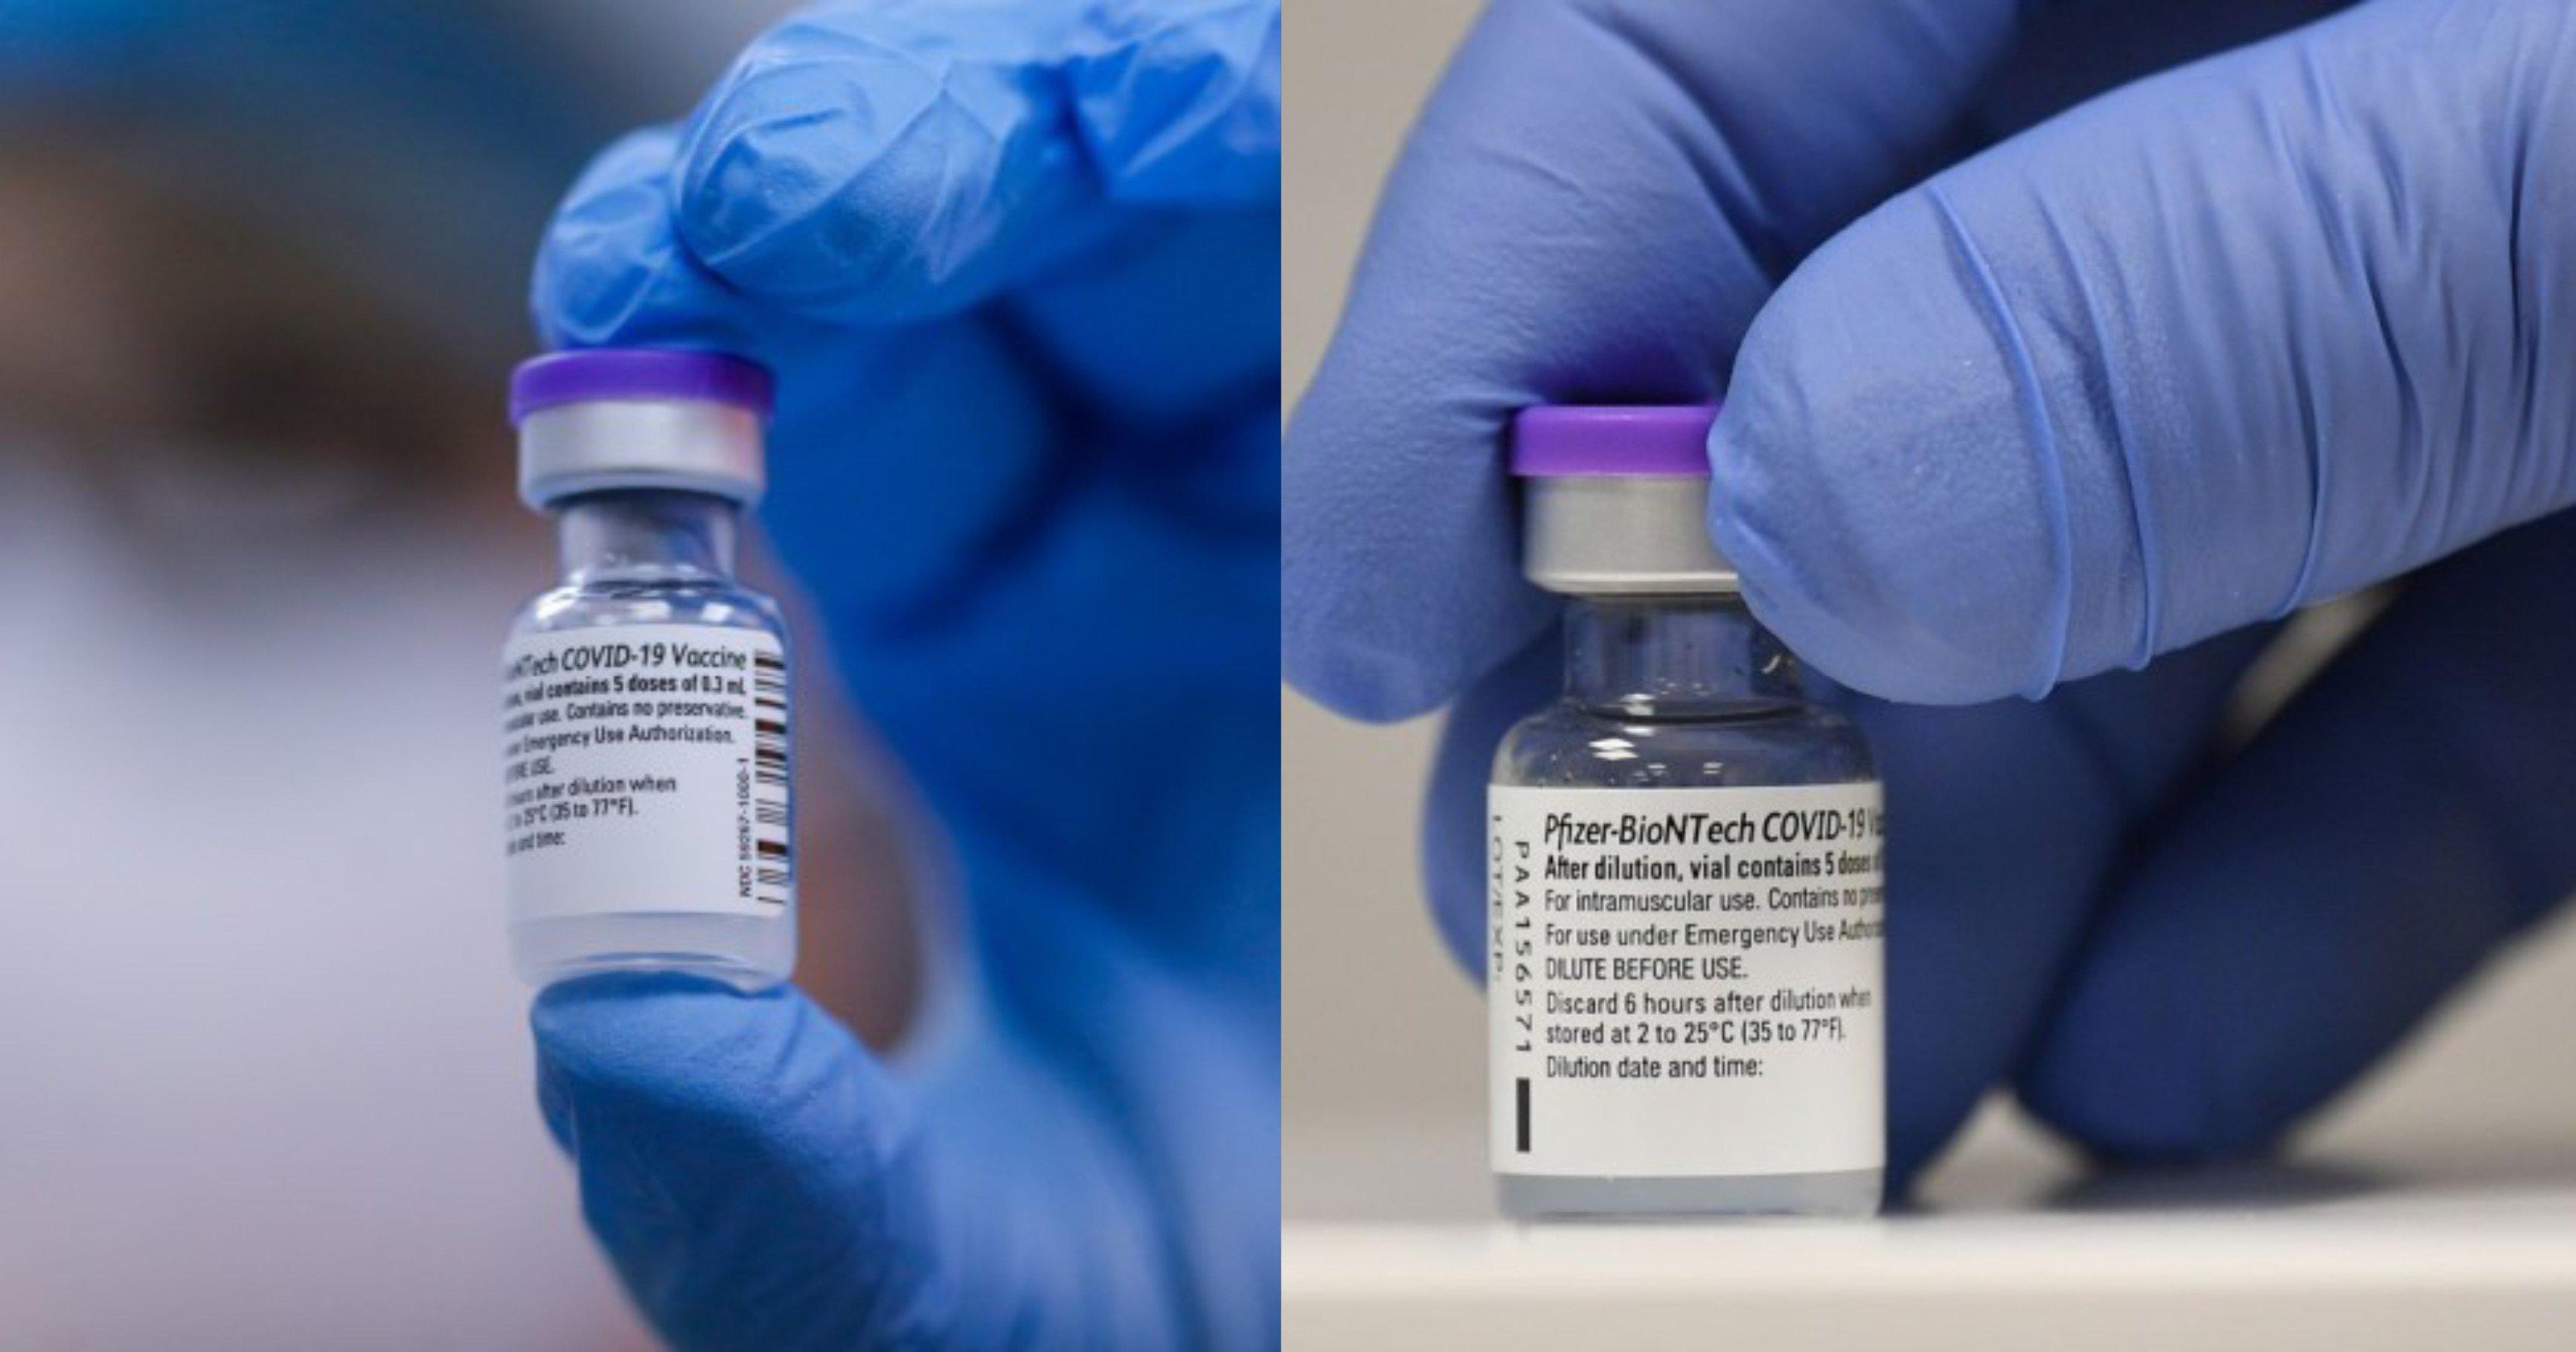 """e914471f cc5c 4c2d a57a 533d8dec505e.jpeg?resize=1200,630 - """"꼭 '이 백신'을 맞으셔야 합니다""""..기생충 박사가 쉽게 알려주는 코로나 백신들의 특징과 차이점"""